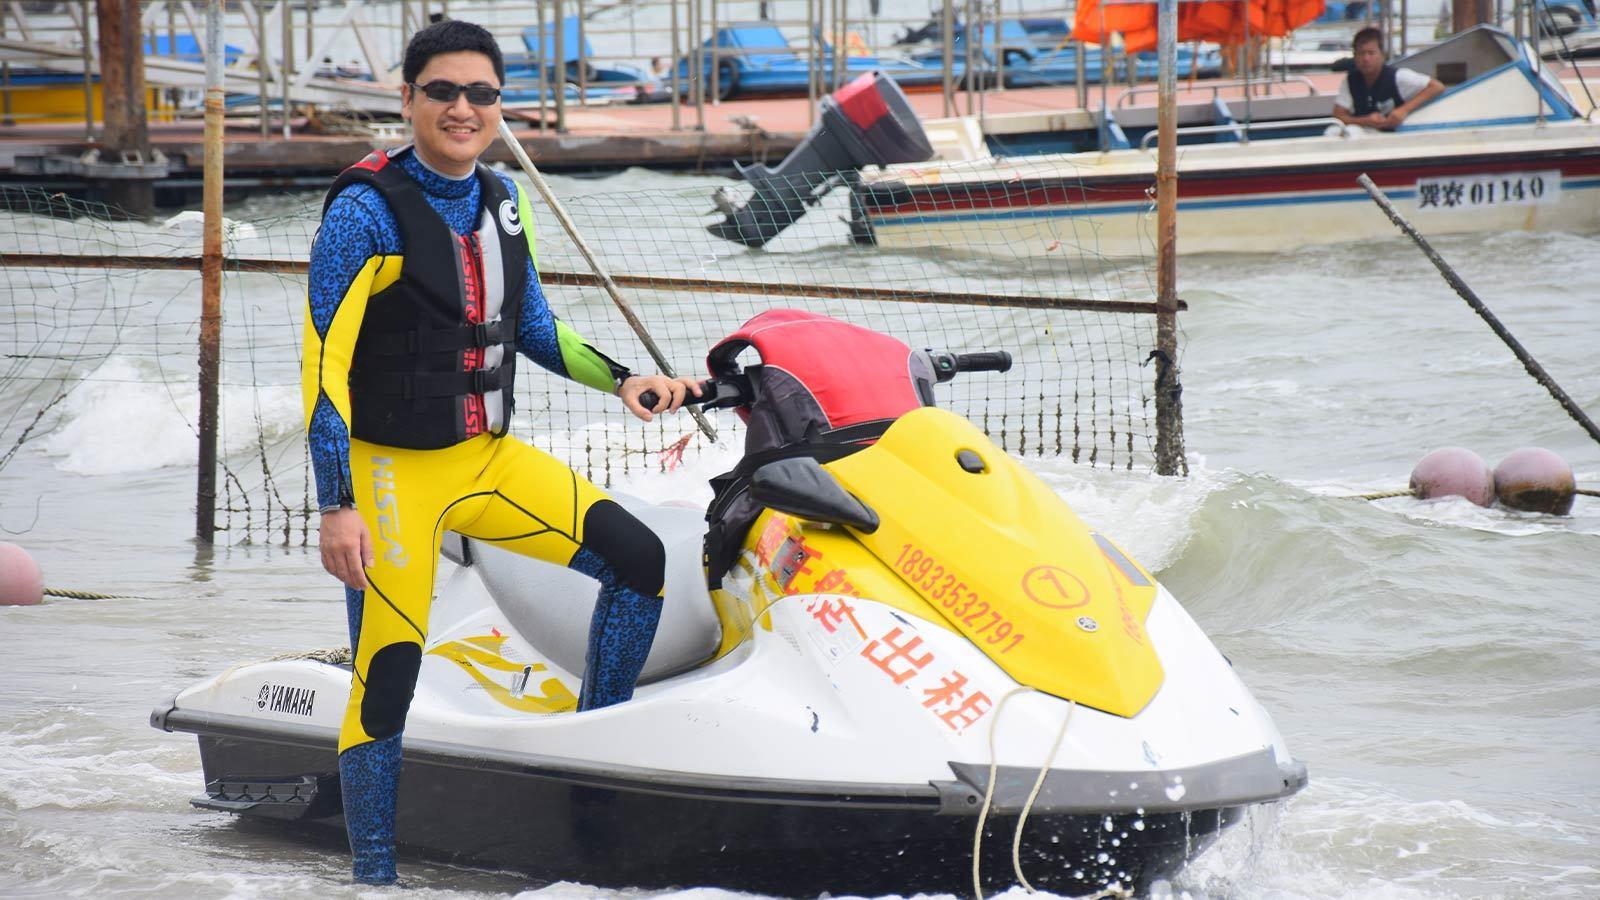 спортсмен на скутере в плавательном жилете HiSEA